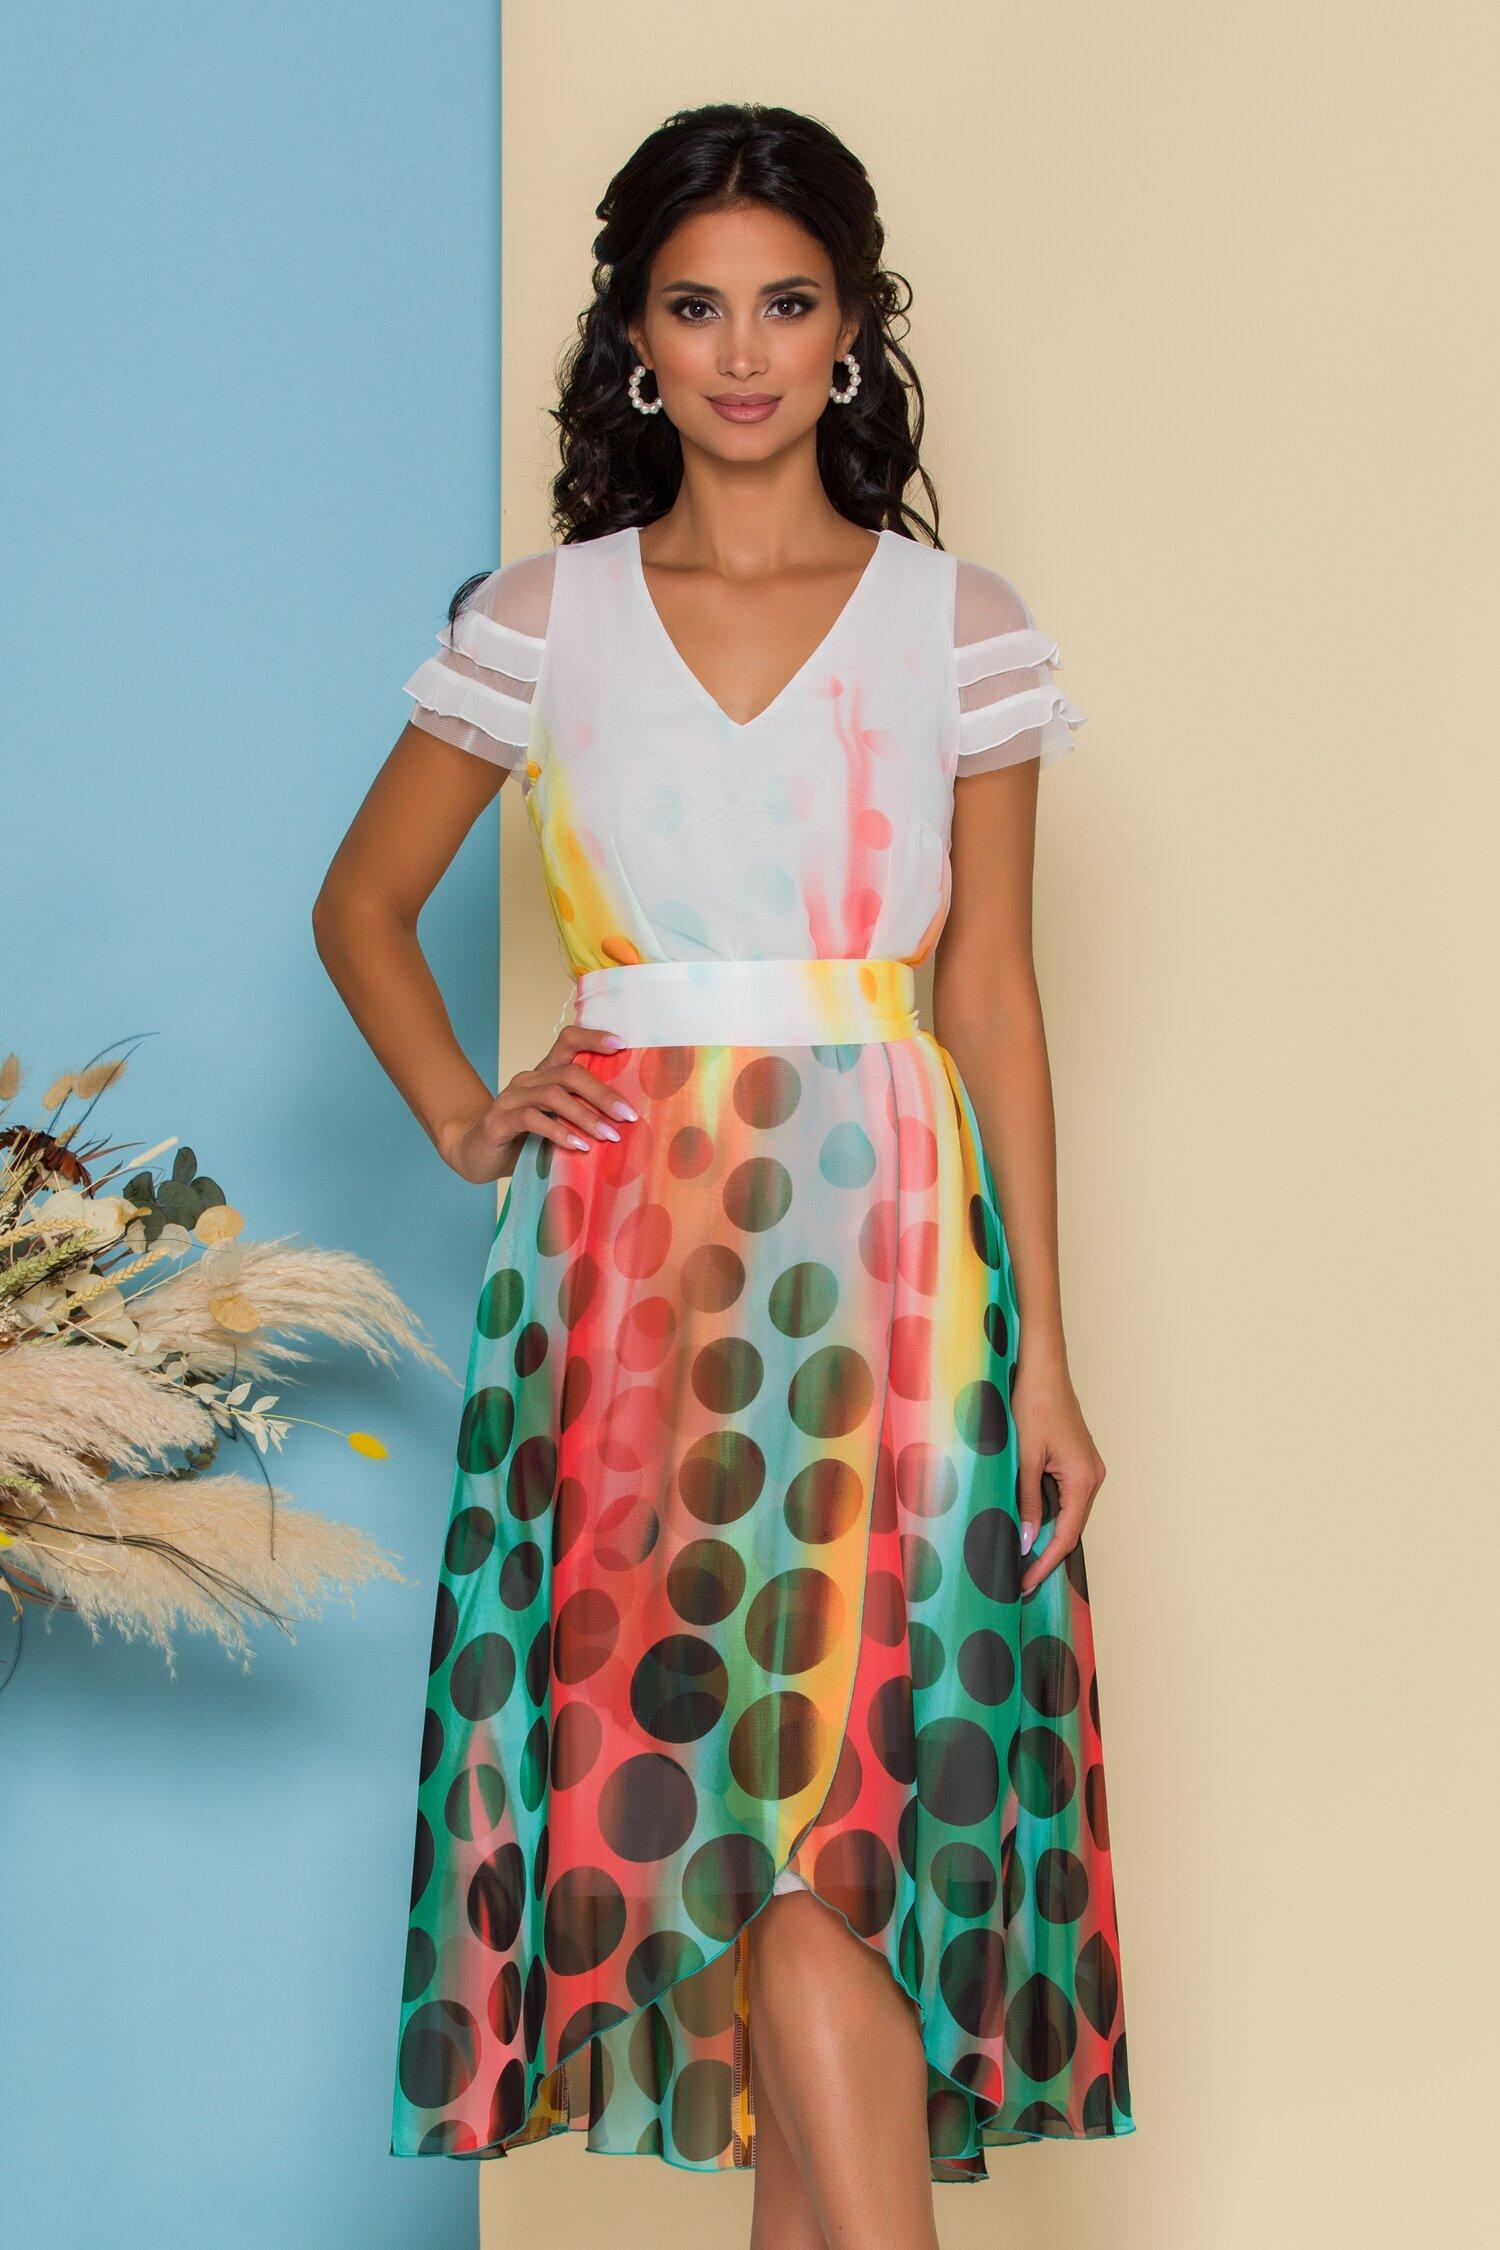 Rochie Tonia alba cu buline si imprimeuri colorate in degrade